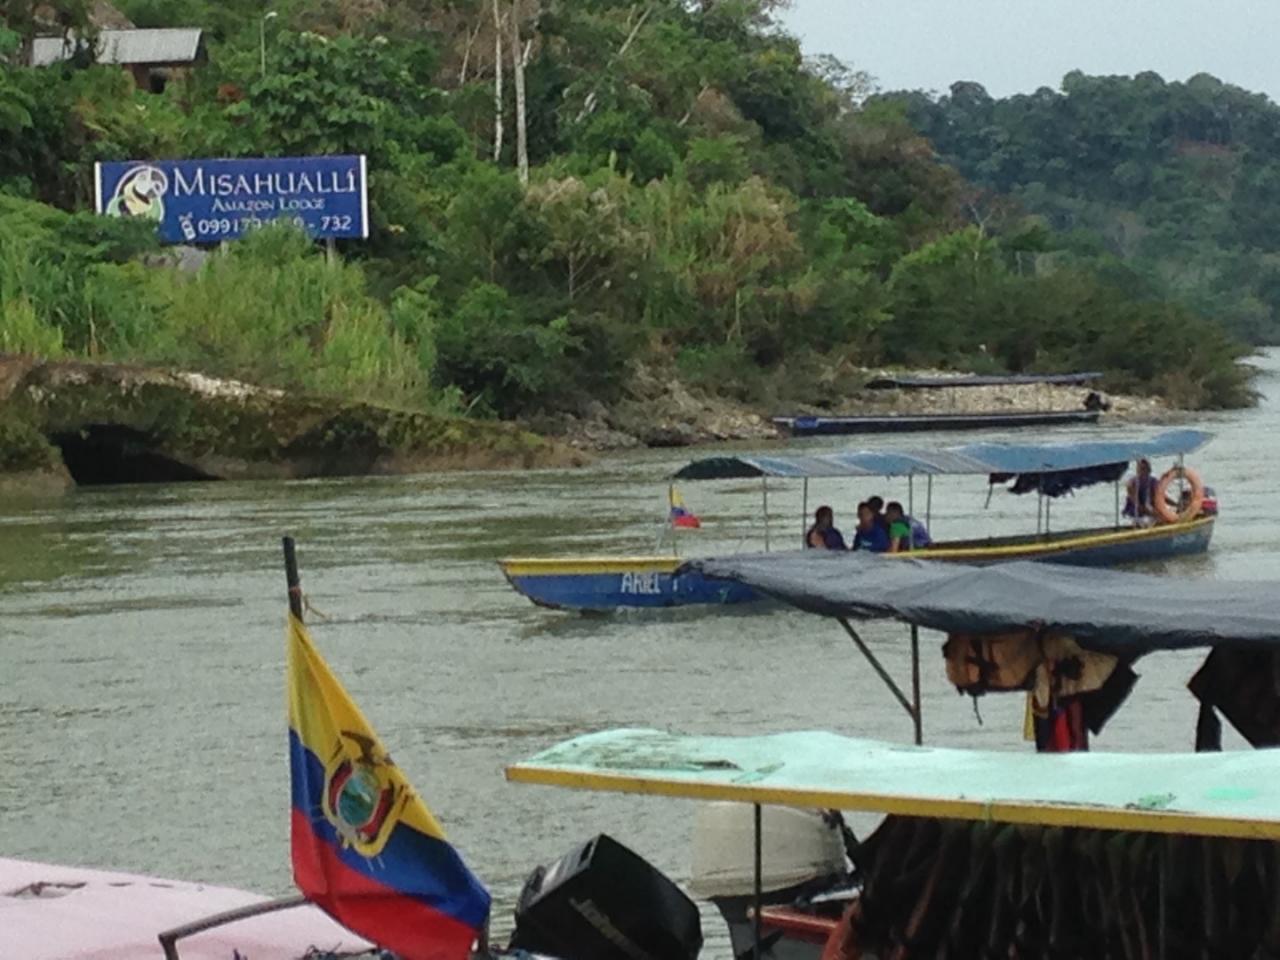 misahualli rio